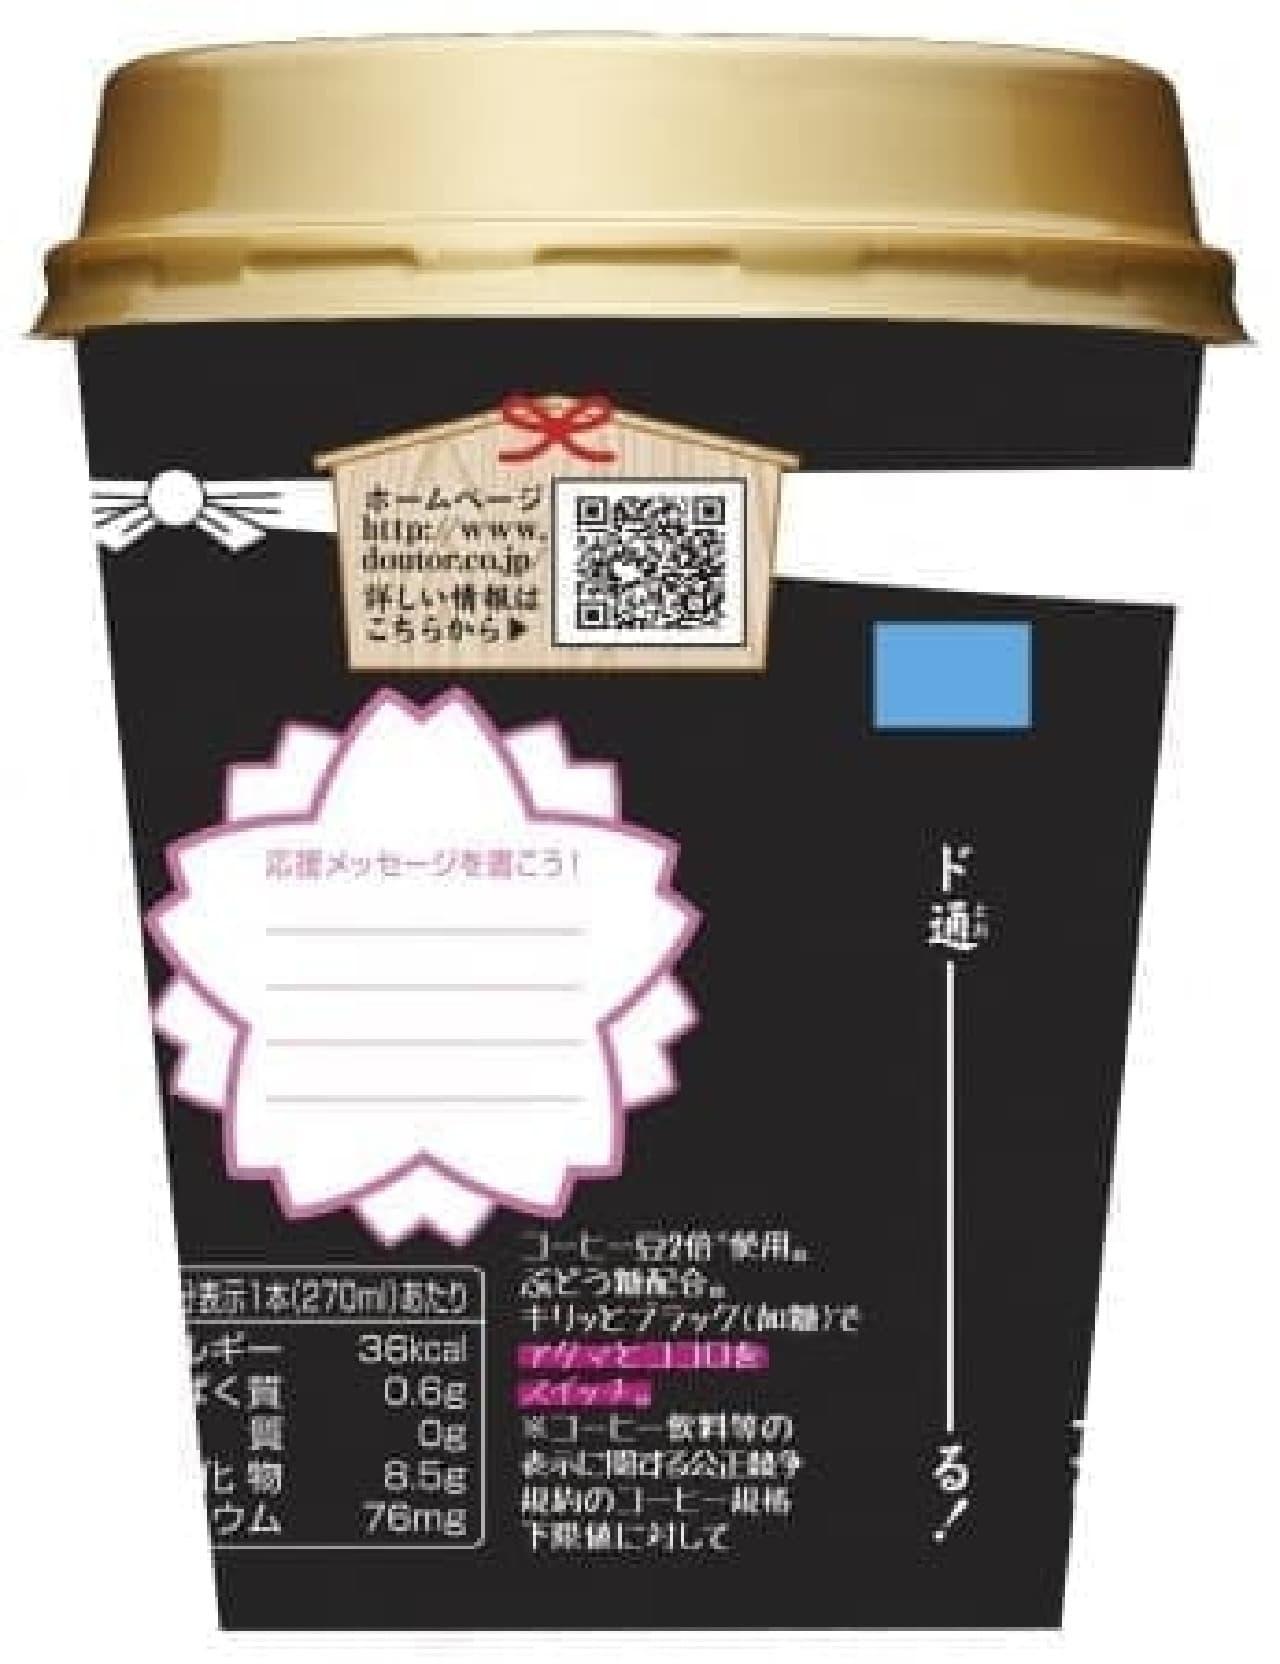 ドトールコーヒー「ド通る シャッキリブラックコーヒー」